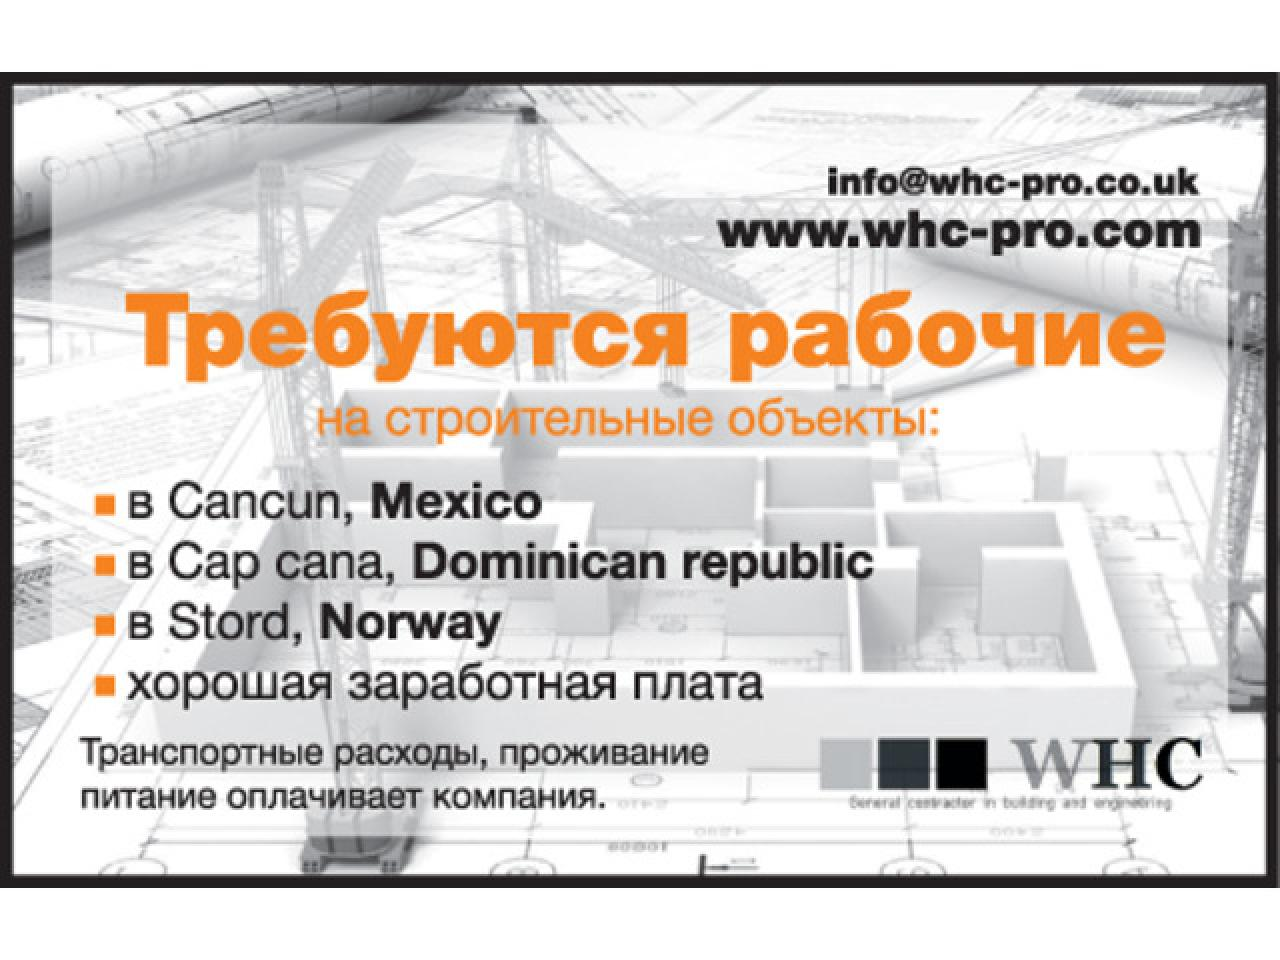 Компании WESTHOUSE CONSTRUCTION LIMITED требуются рабочие на строительные объекты. - 1